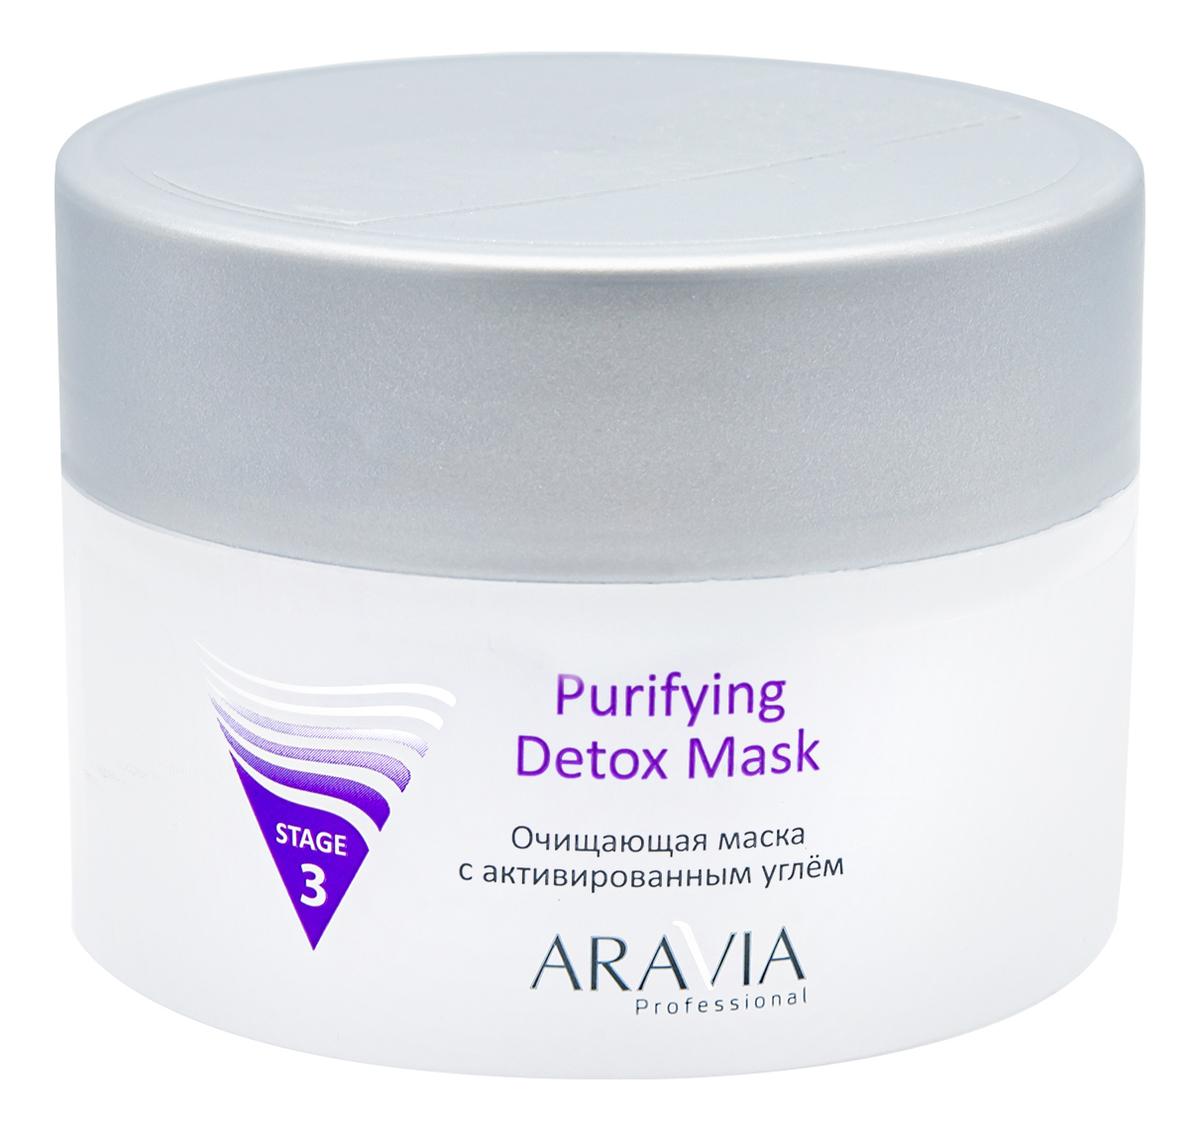 Очищающая маска для лица с активированным углем Professional Purifying Detox Mask Stage 3 150мл aravia очищающая маска с активированным углём purifying detox mask 150 мл